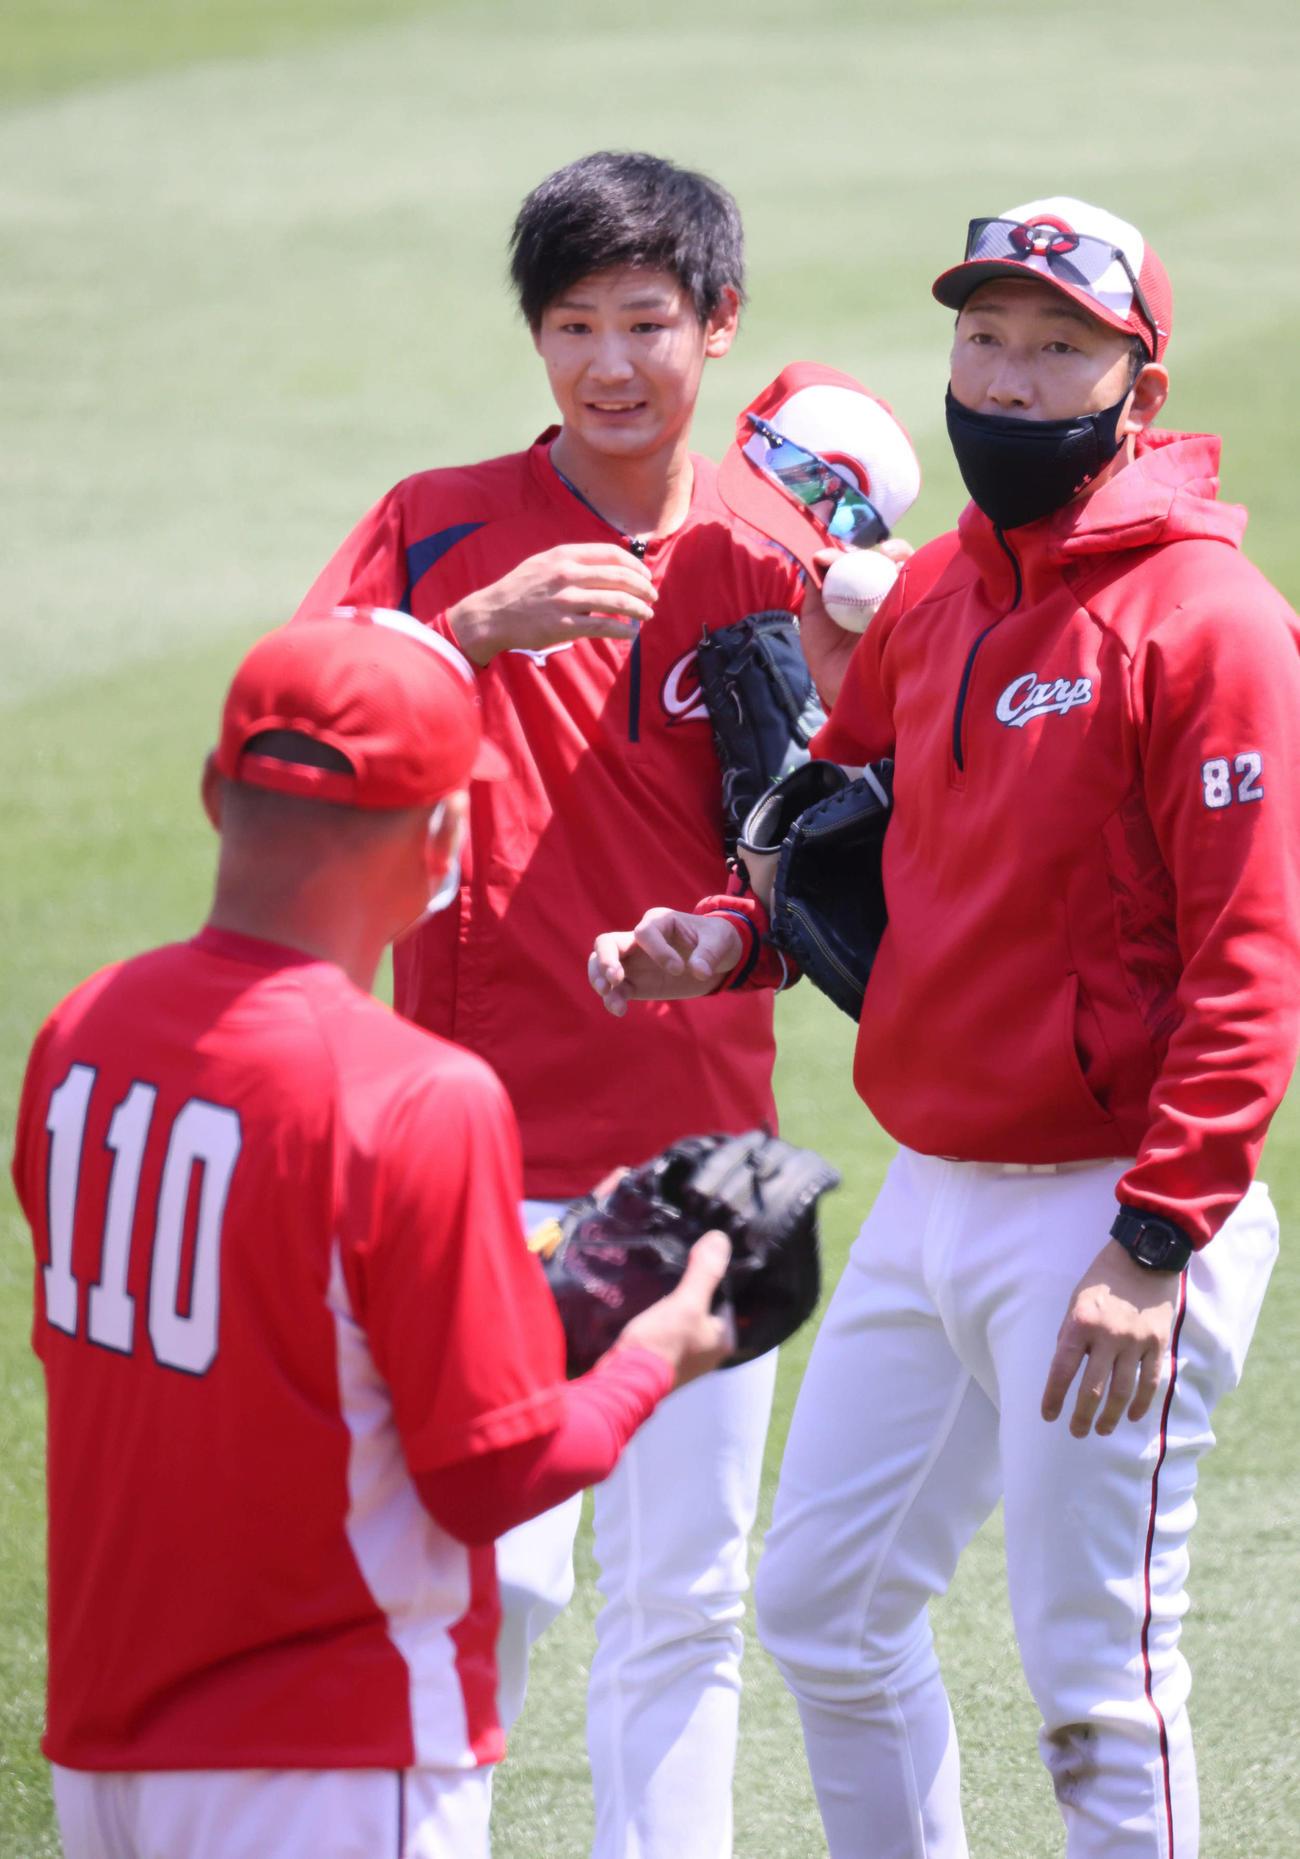 広島投手指名練習 投手指名練習に参加した森浦(中央)。右は横山投手コーチ(撮影・加藤孝規)